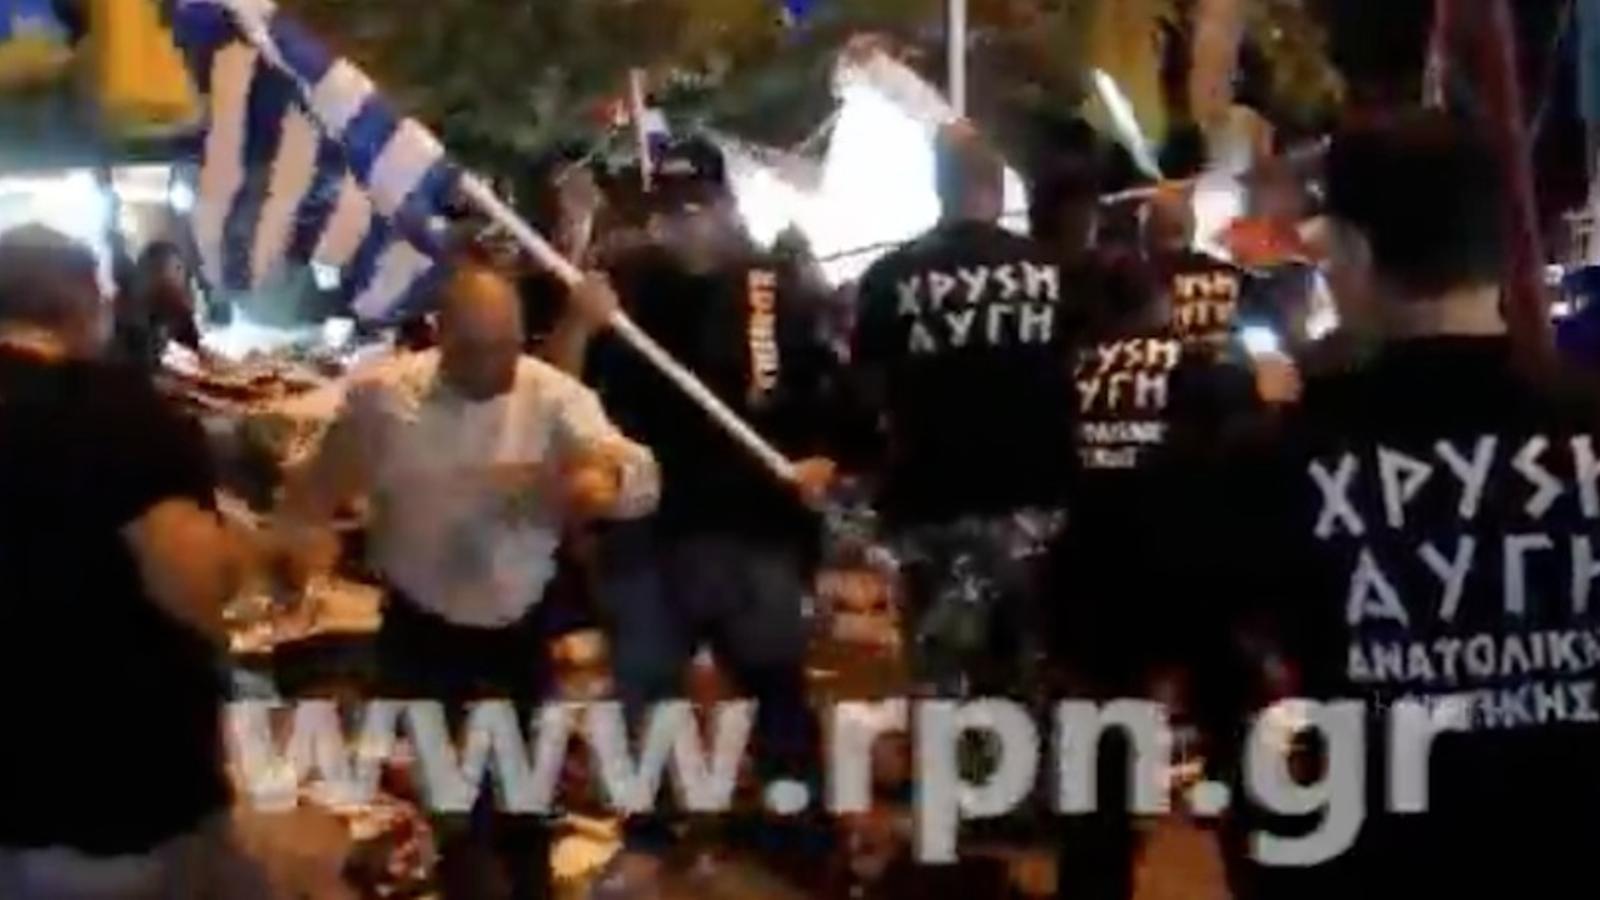 Membres d'Alba Daurada, l'extrema dreta grega, destrueixen parades d'immigrants